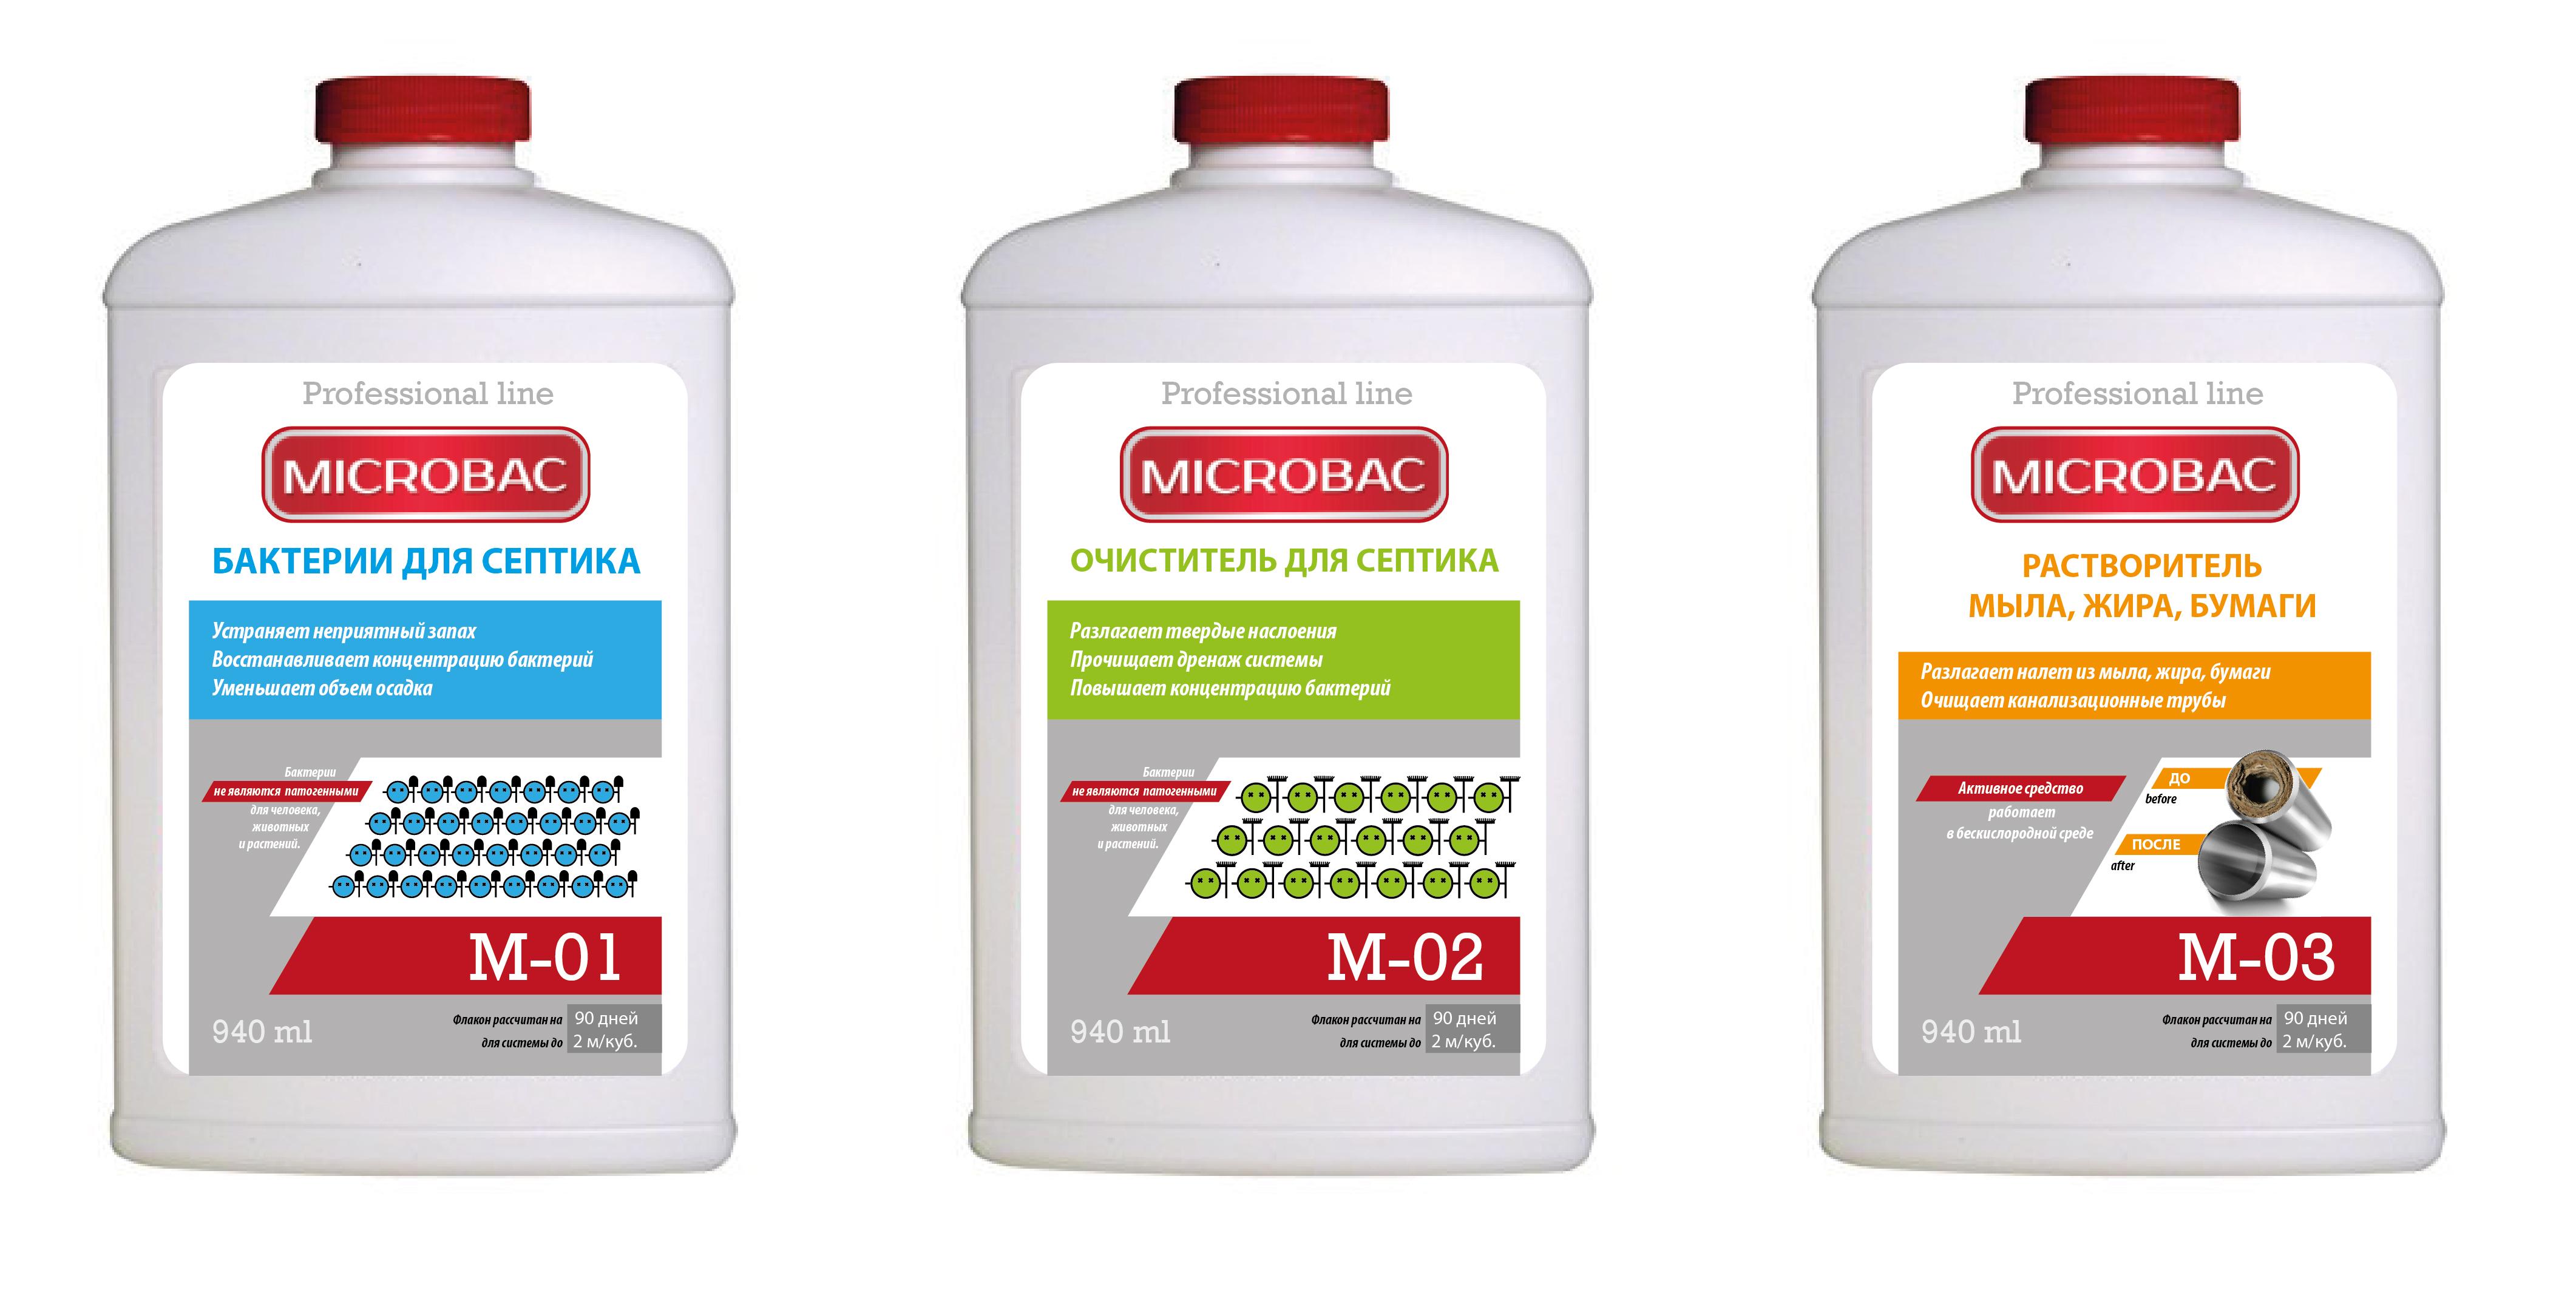 Дизайн упаковки упаковки товара фото f_8535a0aee8a0c762.jpg